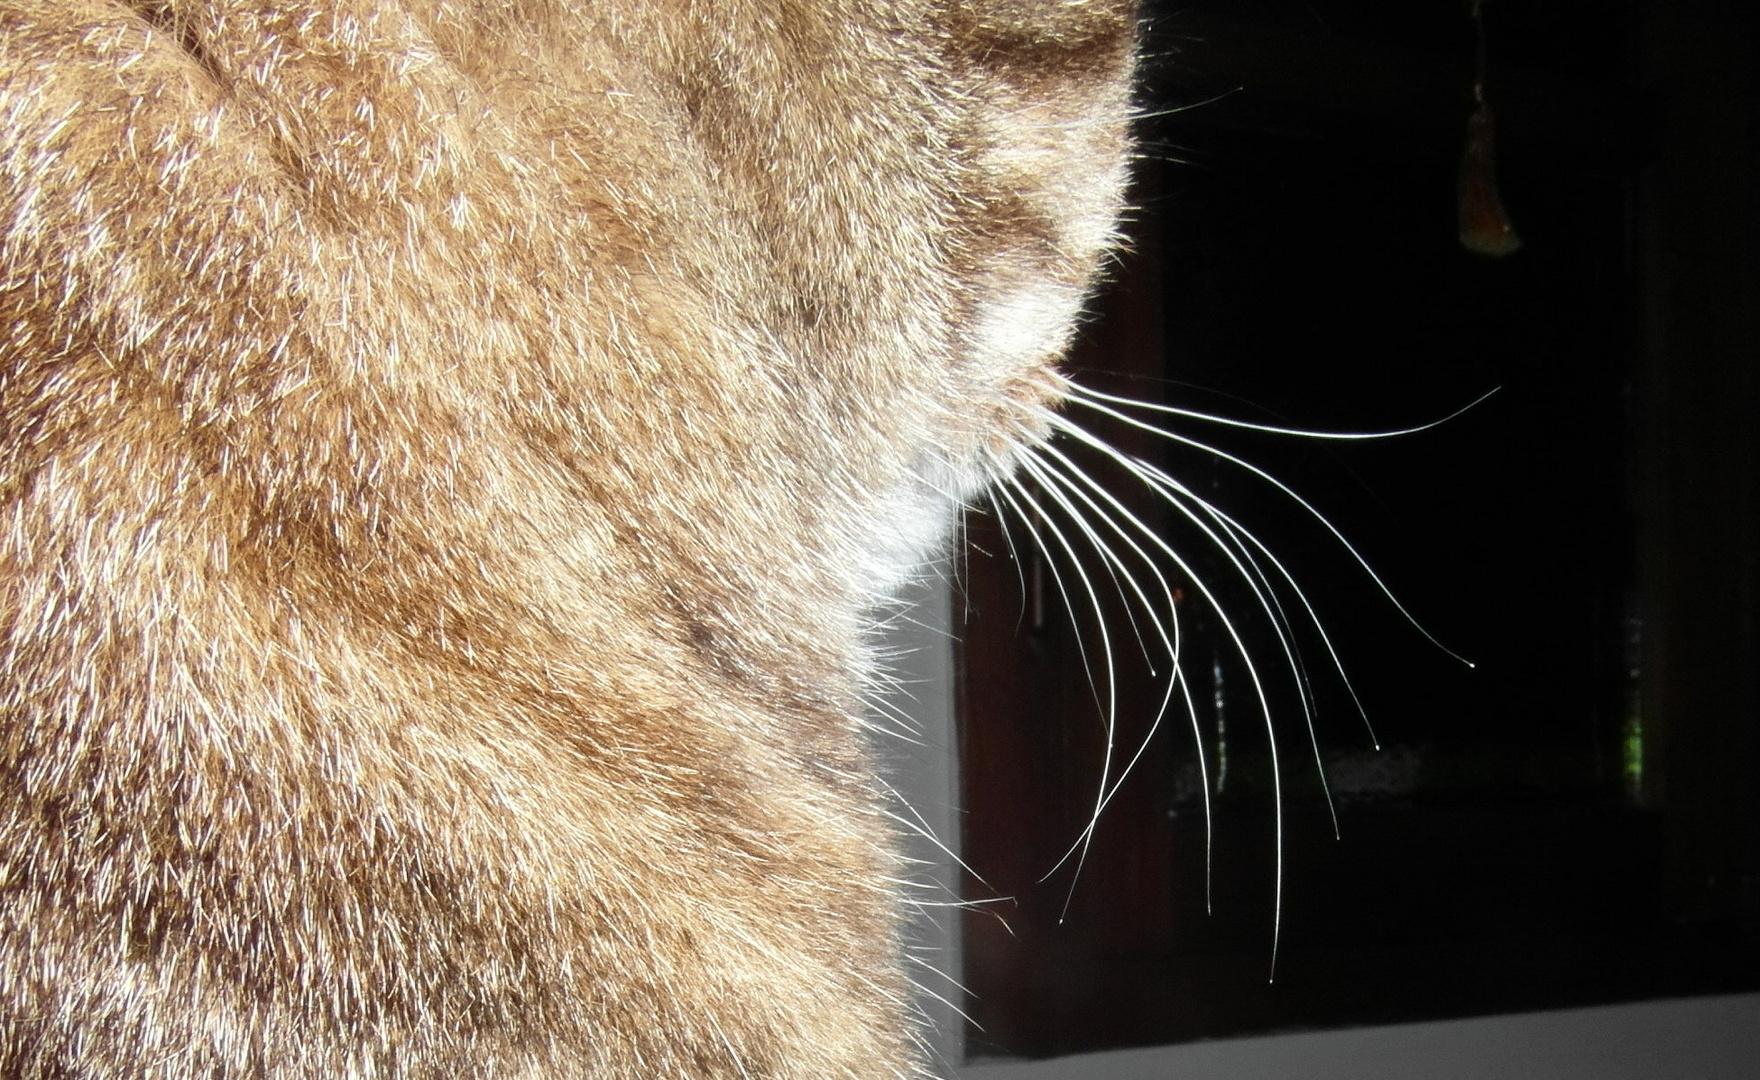 détail de moustaches d'un chat